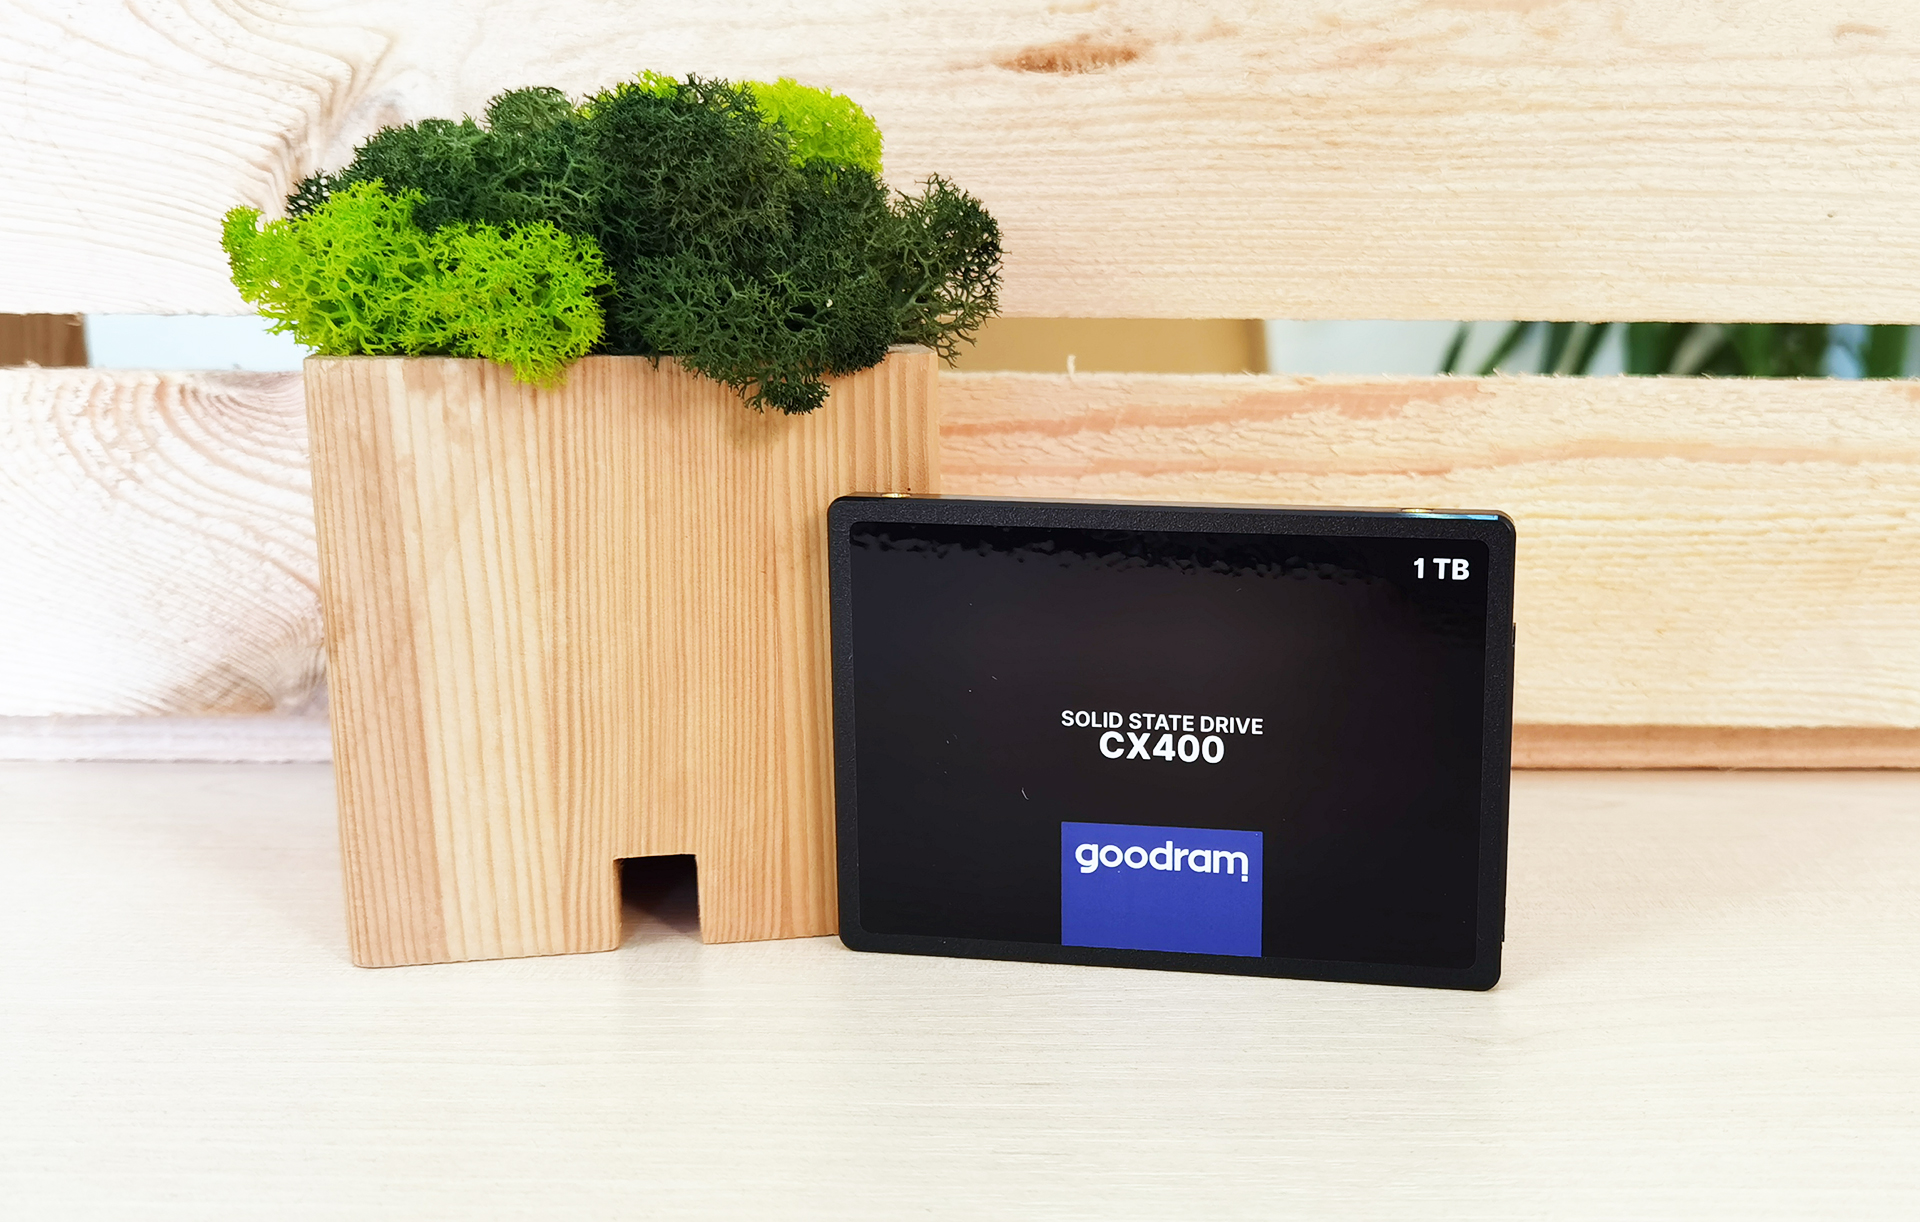 Обзор Goodram CX400 1 ТБ: доступный массовый SSD в классическом 2.5-дюймовом форм-факторе